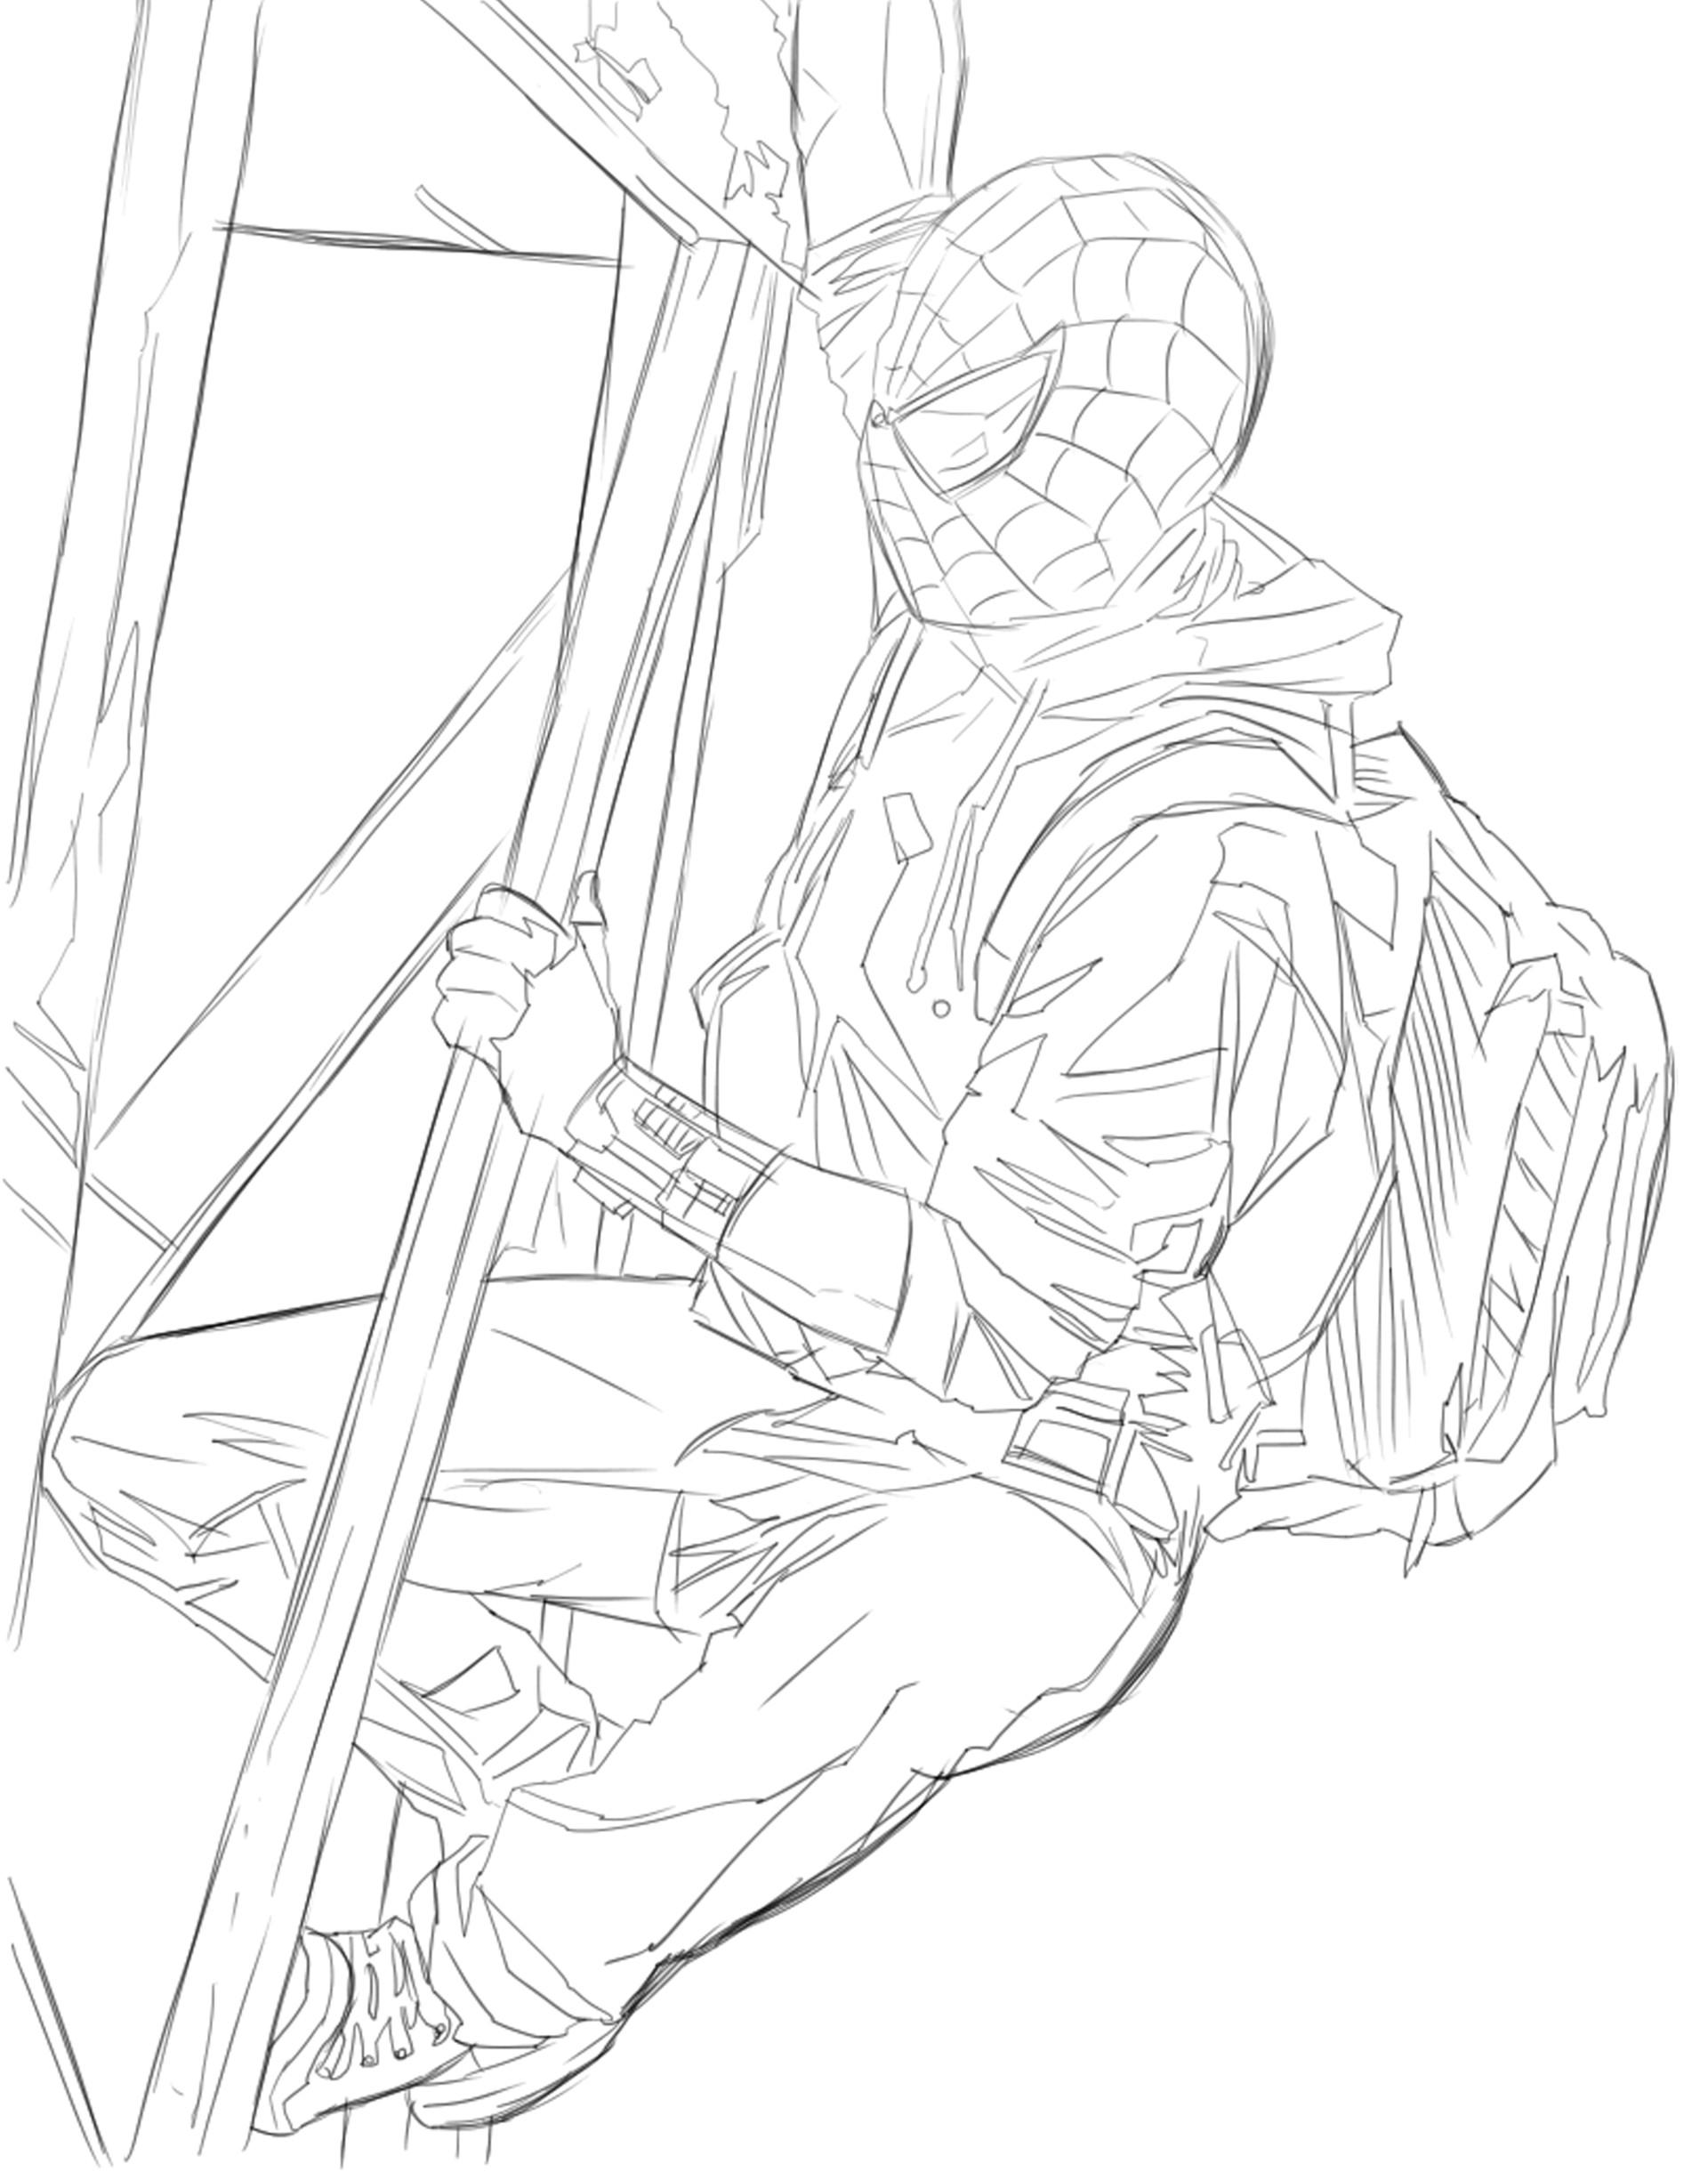 Manuel herrera araya spider man